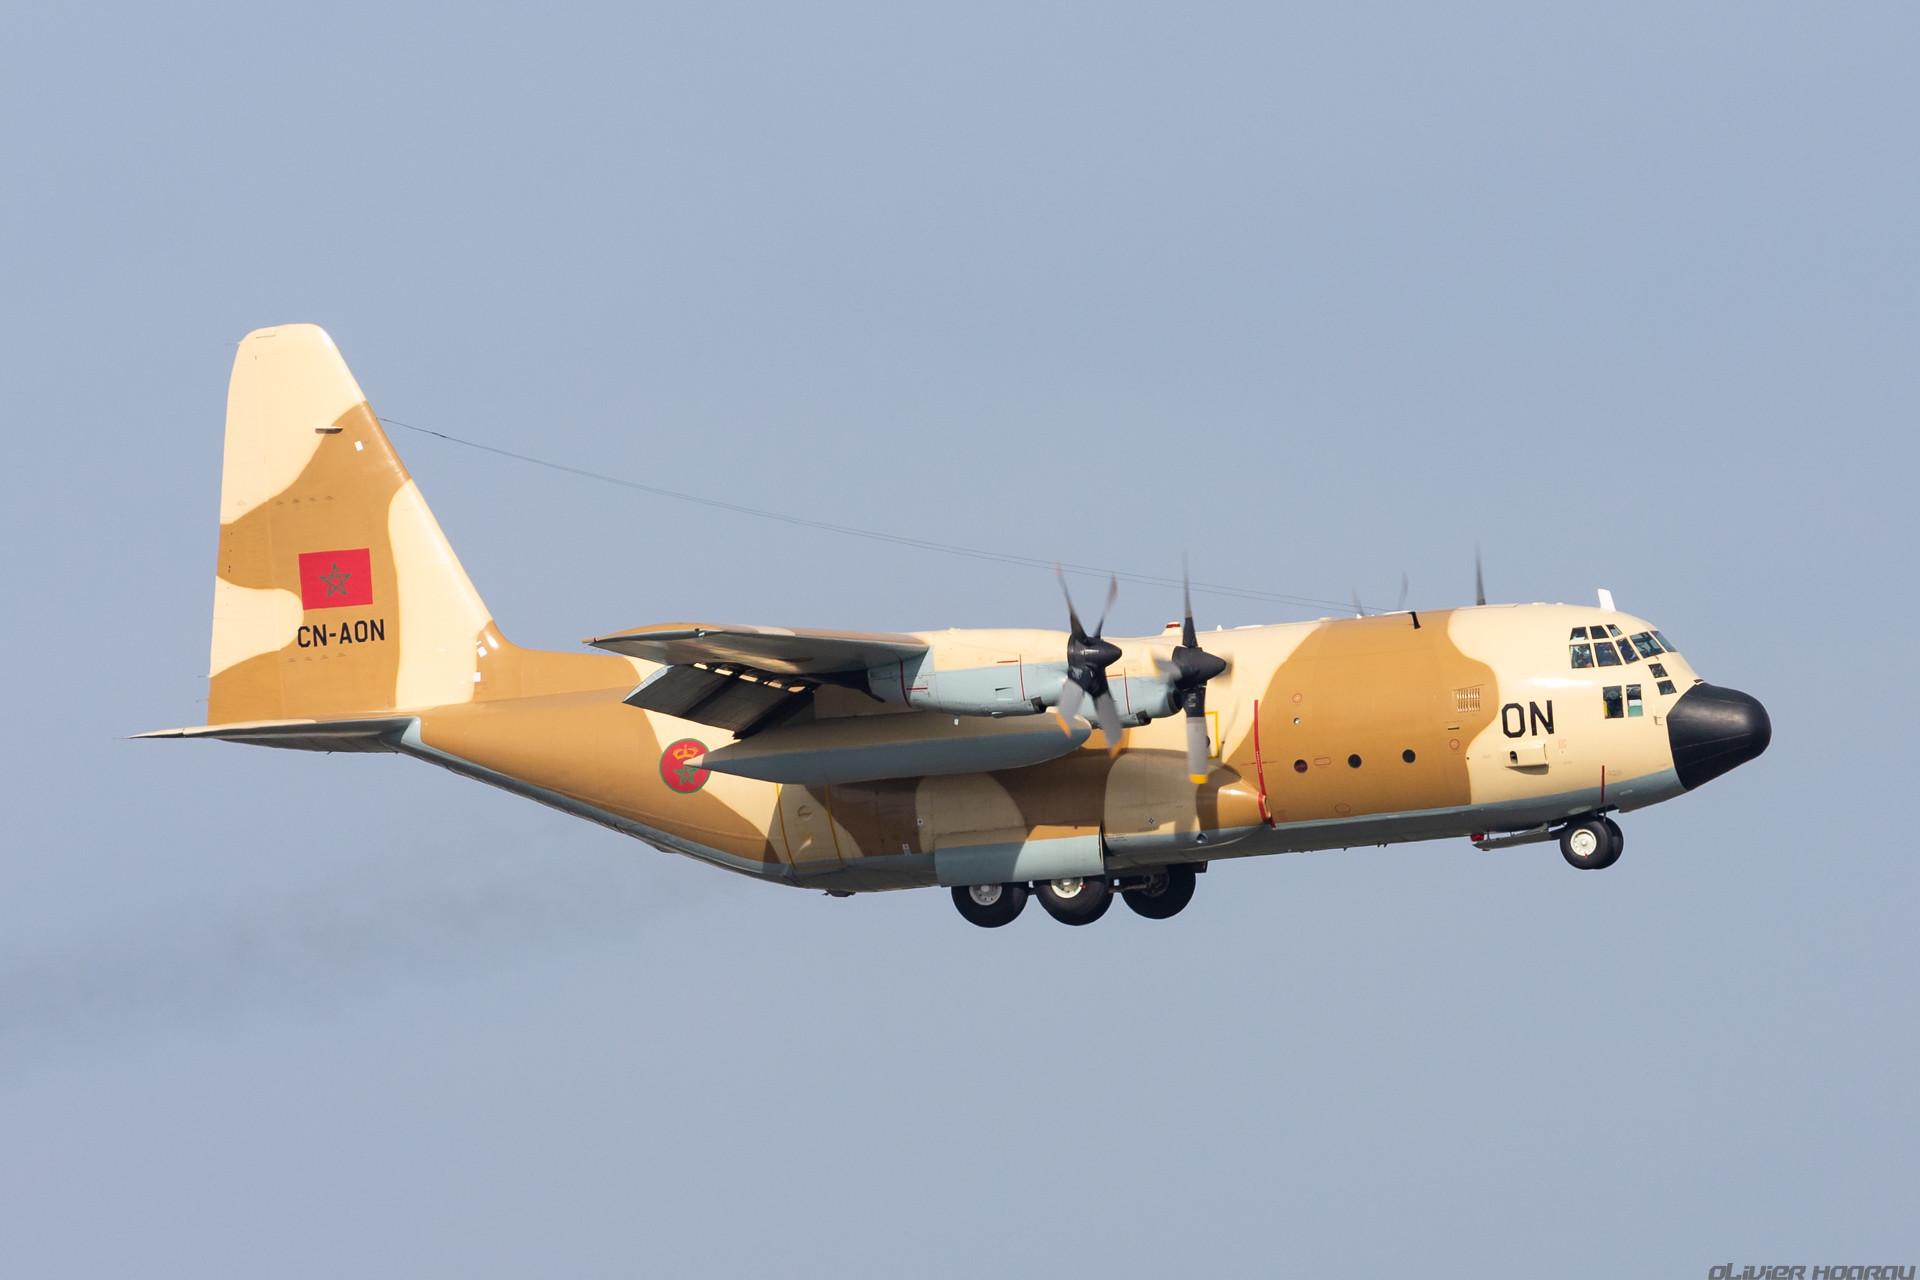 FRA: Photos d'avions de transport - Page 41 50506850676_683bf4d56b_k